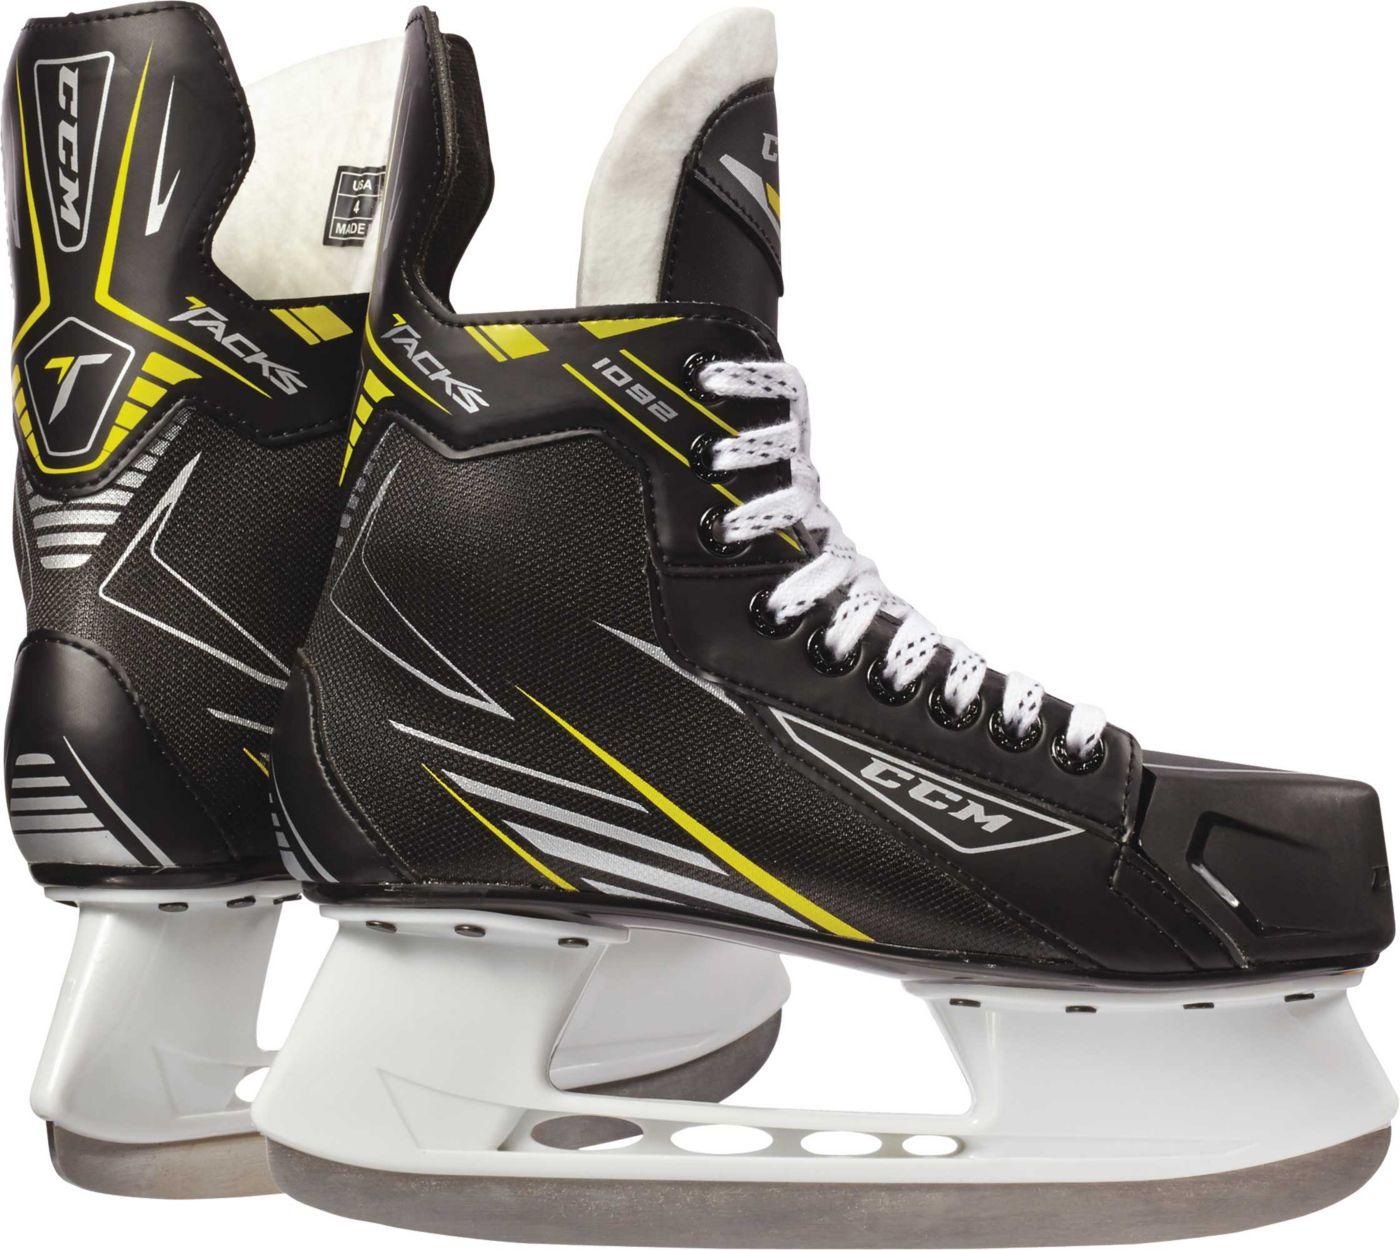 CCM Senior Tacks 1092 Ice Hockey Skates